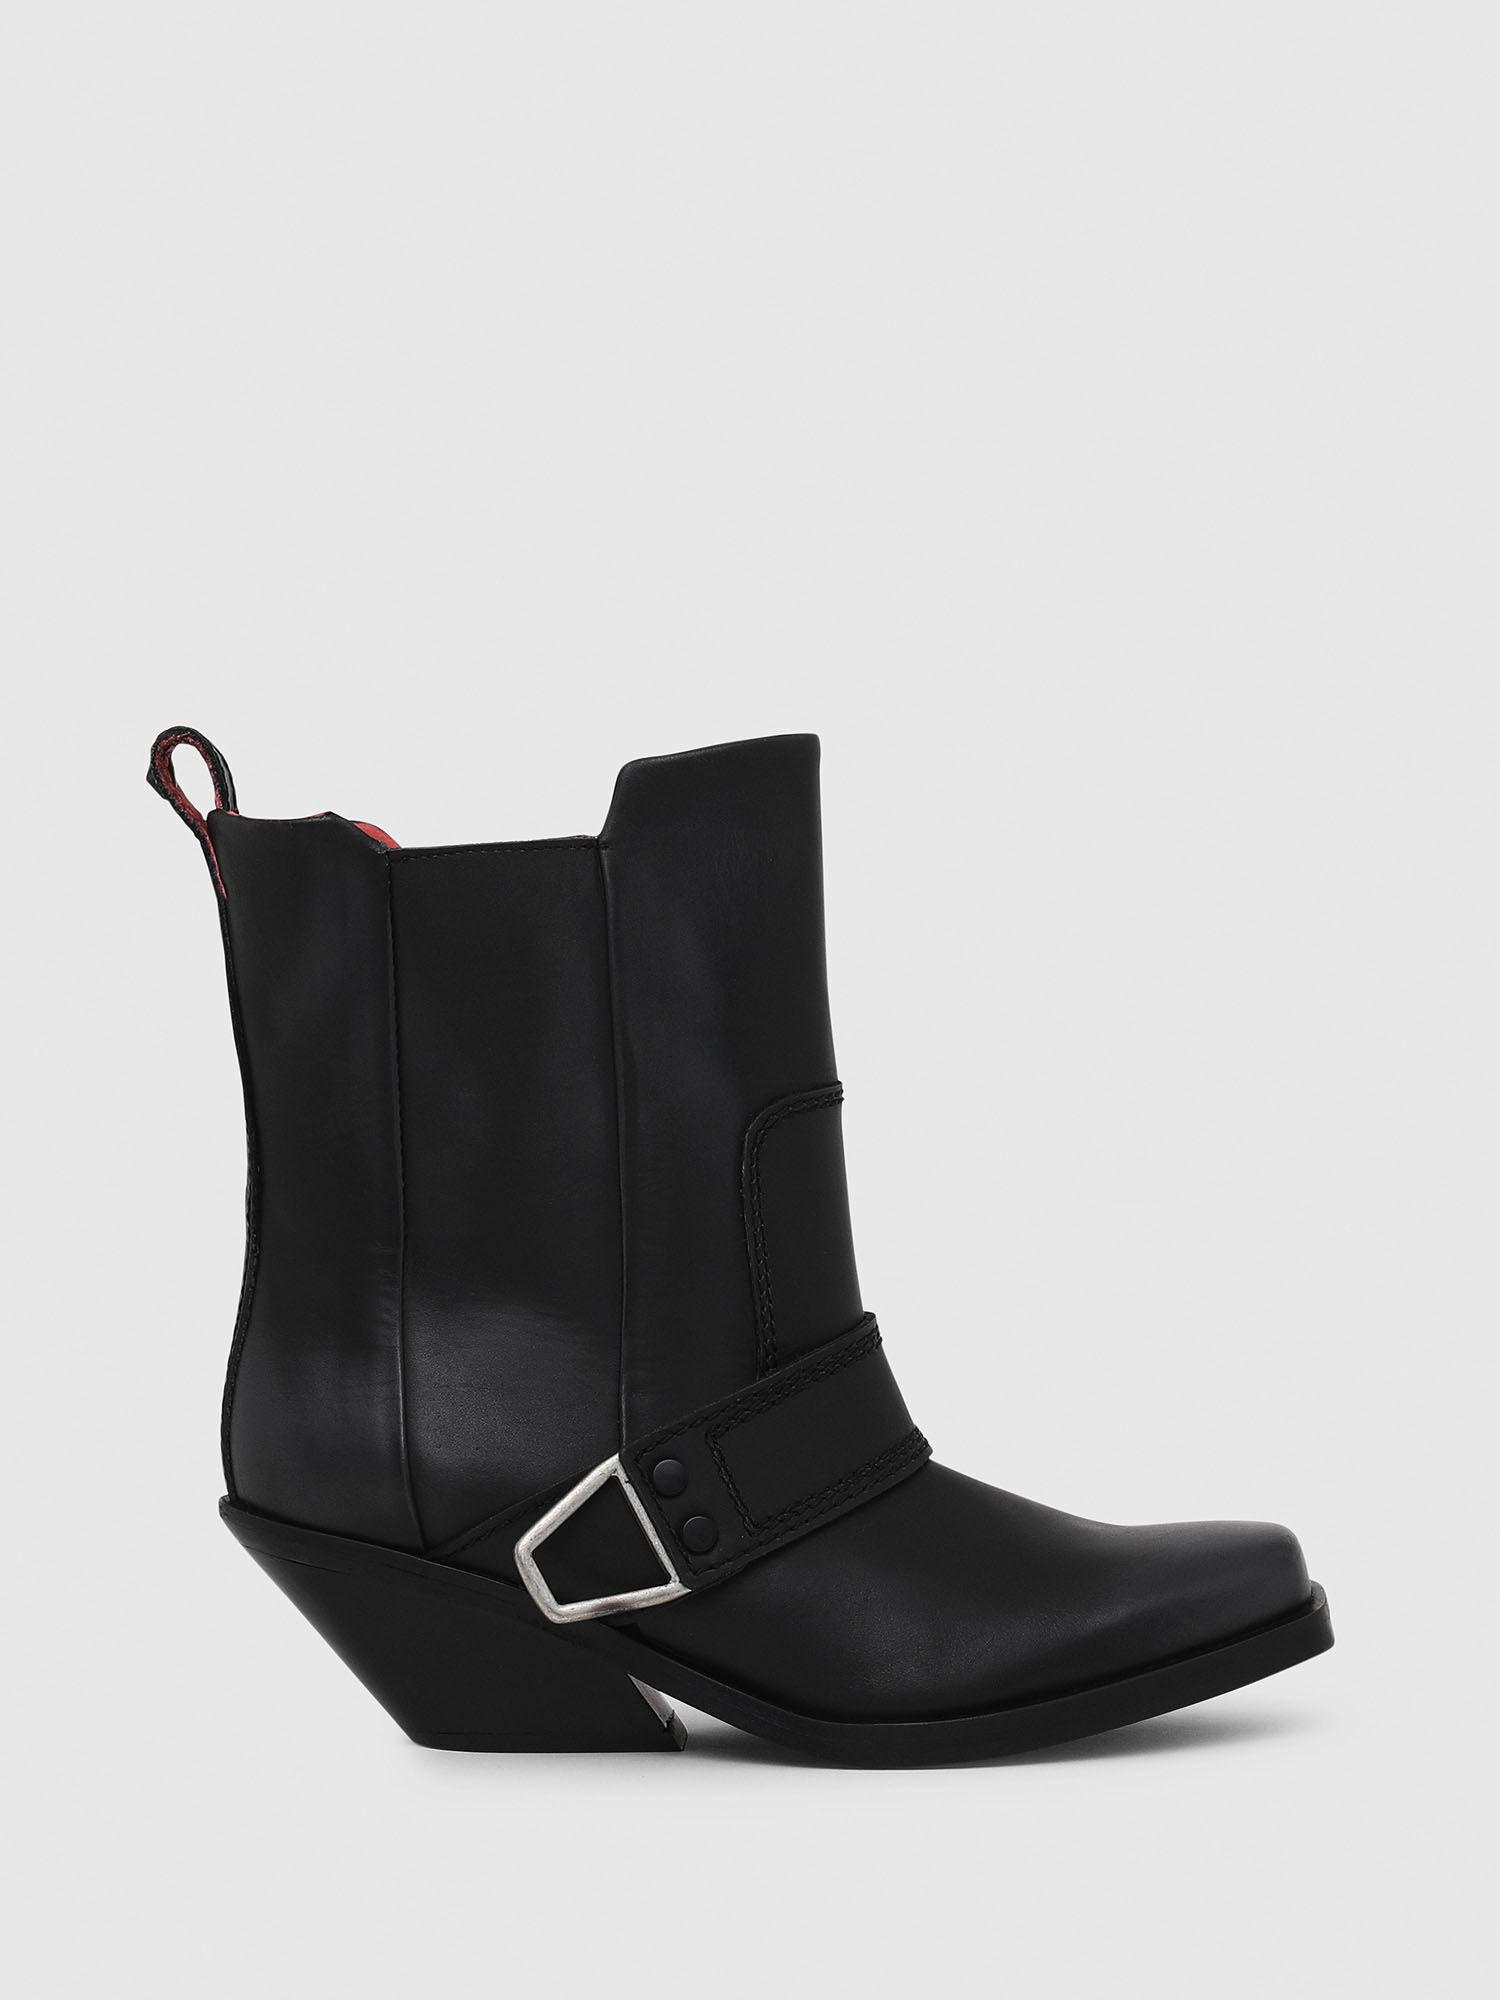 7cdeb40e Clar Bajos 2017 Bajos Mujer Zapatos 2017 Clar Zapatos Mujer Hvw4apq7n